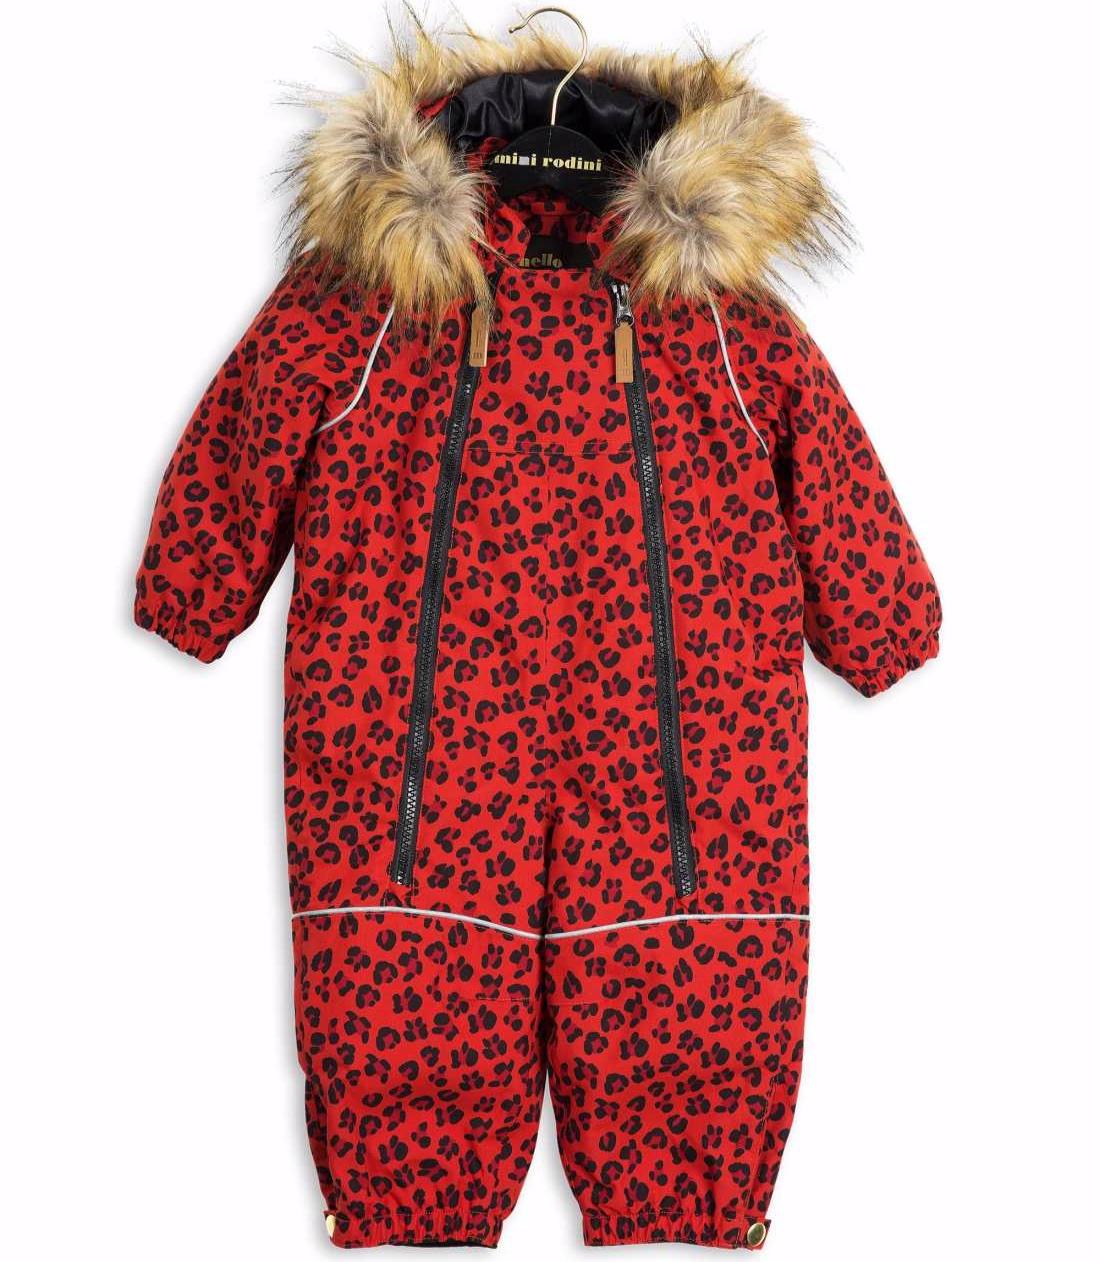 5434_095d1b69f0-1671010542-minirodini-alaska-leopard-baby-overall-red-1.jpg